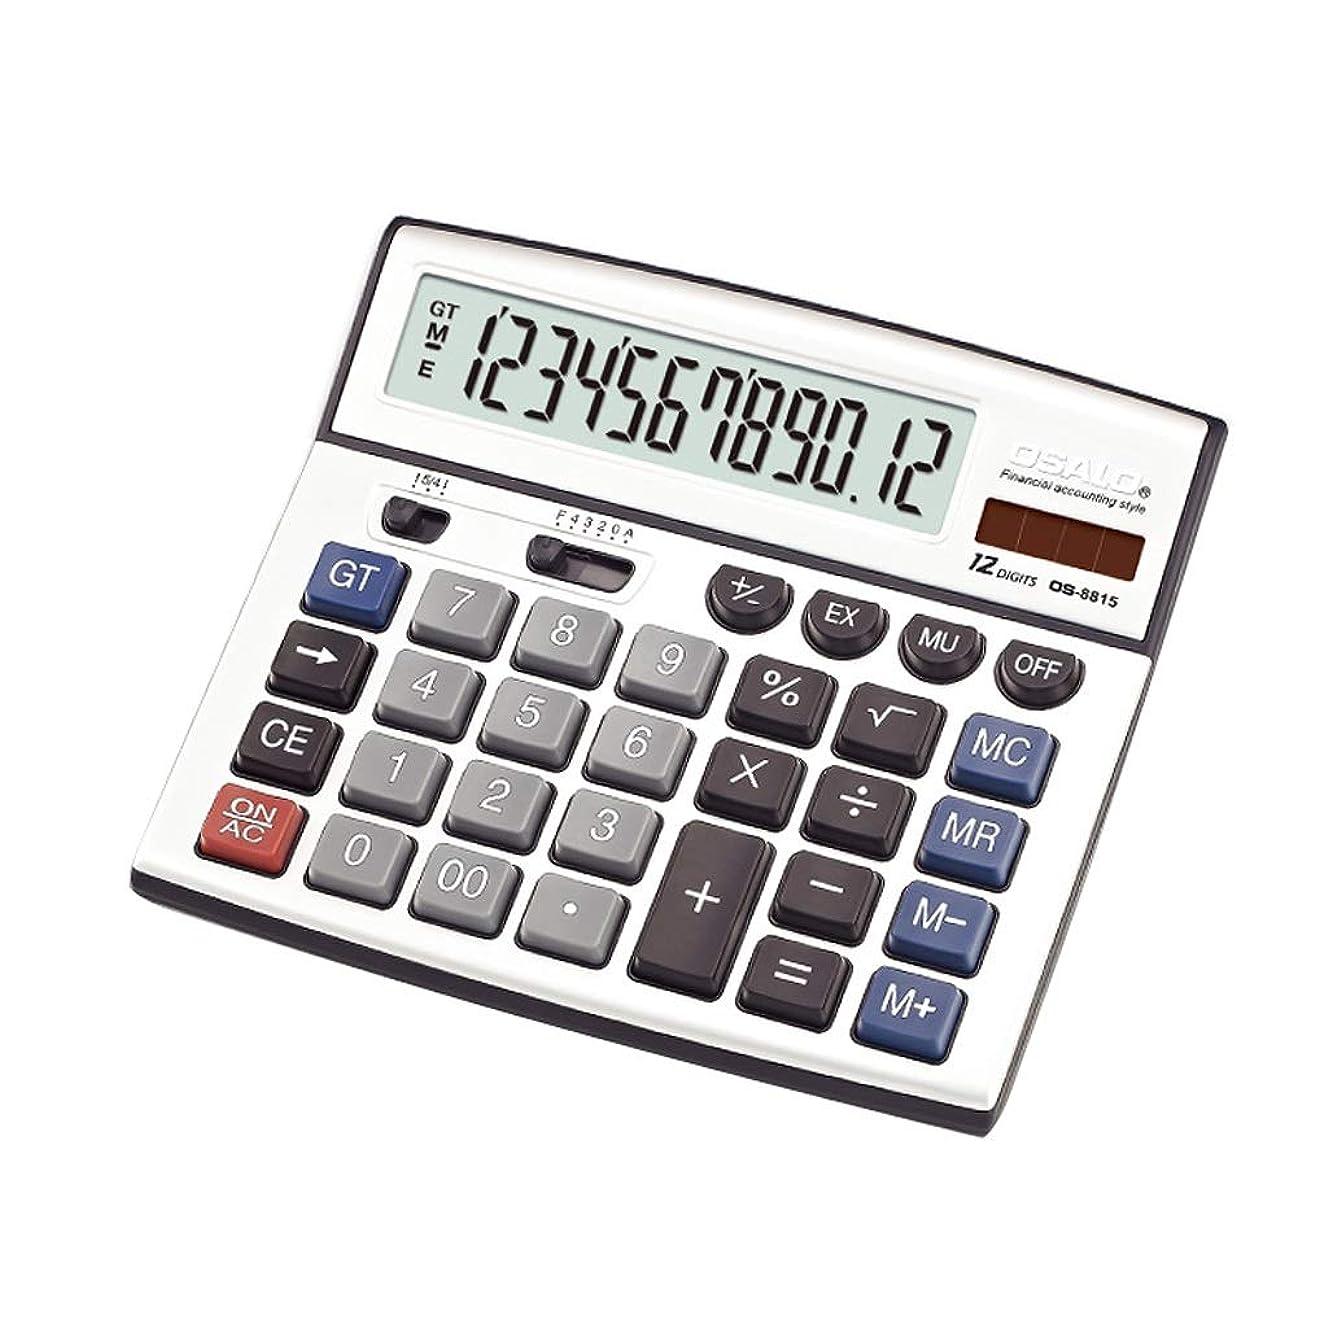 制約スリーブ送信する電卓 デスクトップ ソーラーメタル表面 ABSプラスチックボタン - デスクトップ オフィス ビジネス 学校 12ビットディスプレイ